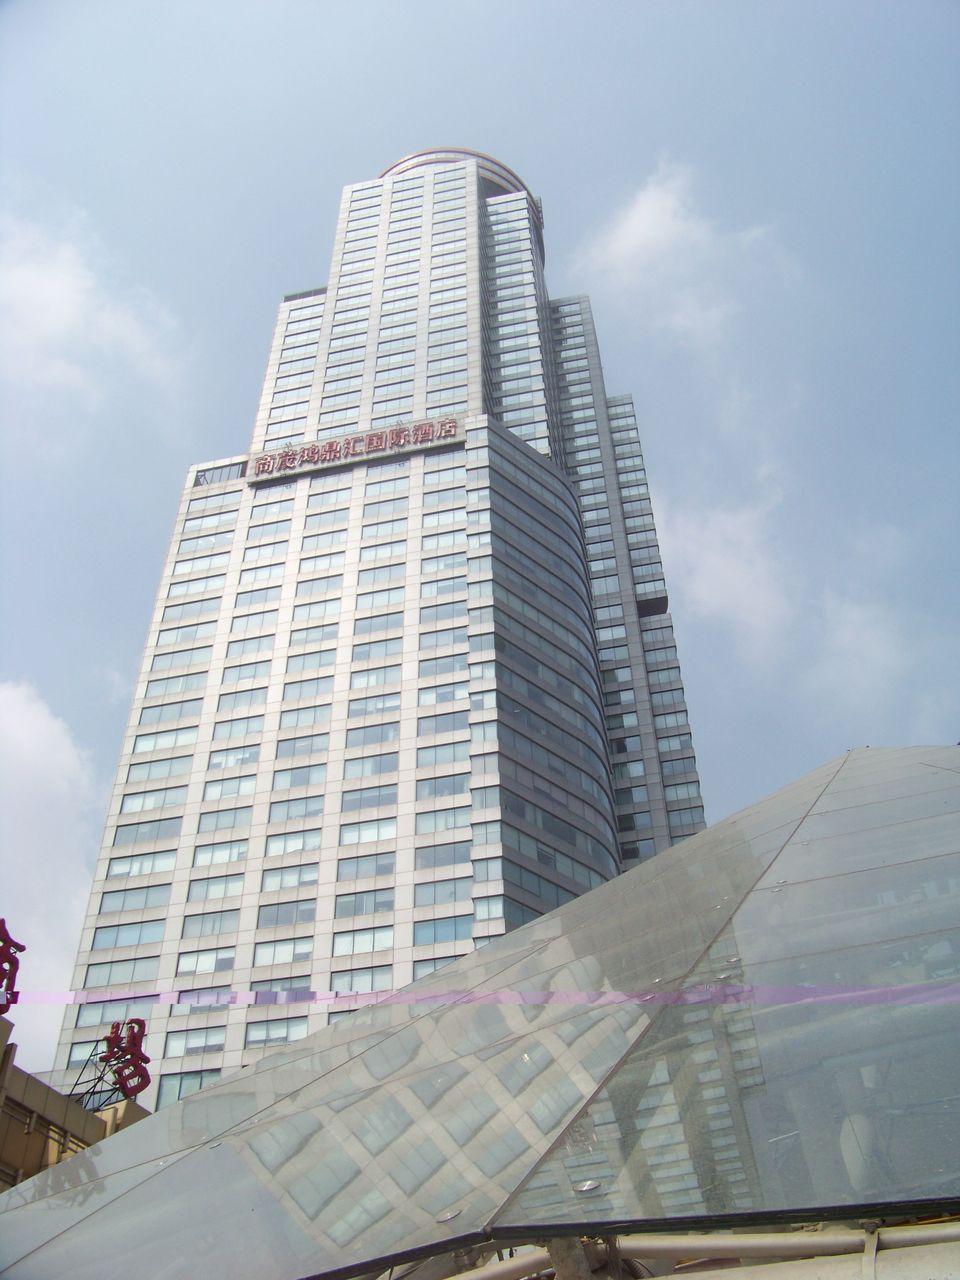 南京商茂世纪广场电梯广告媒体投放